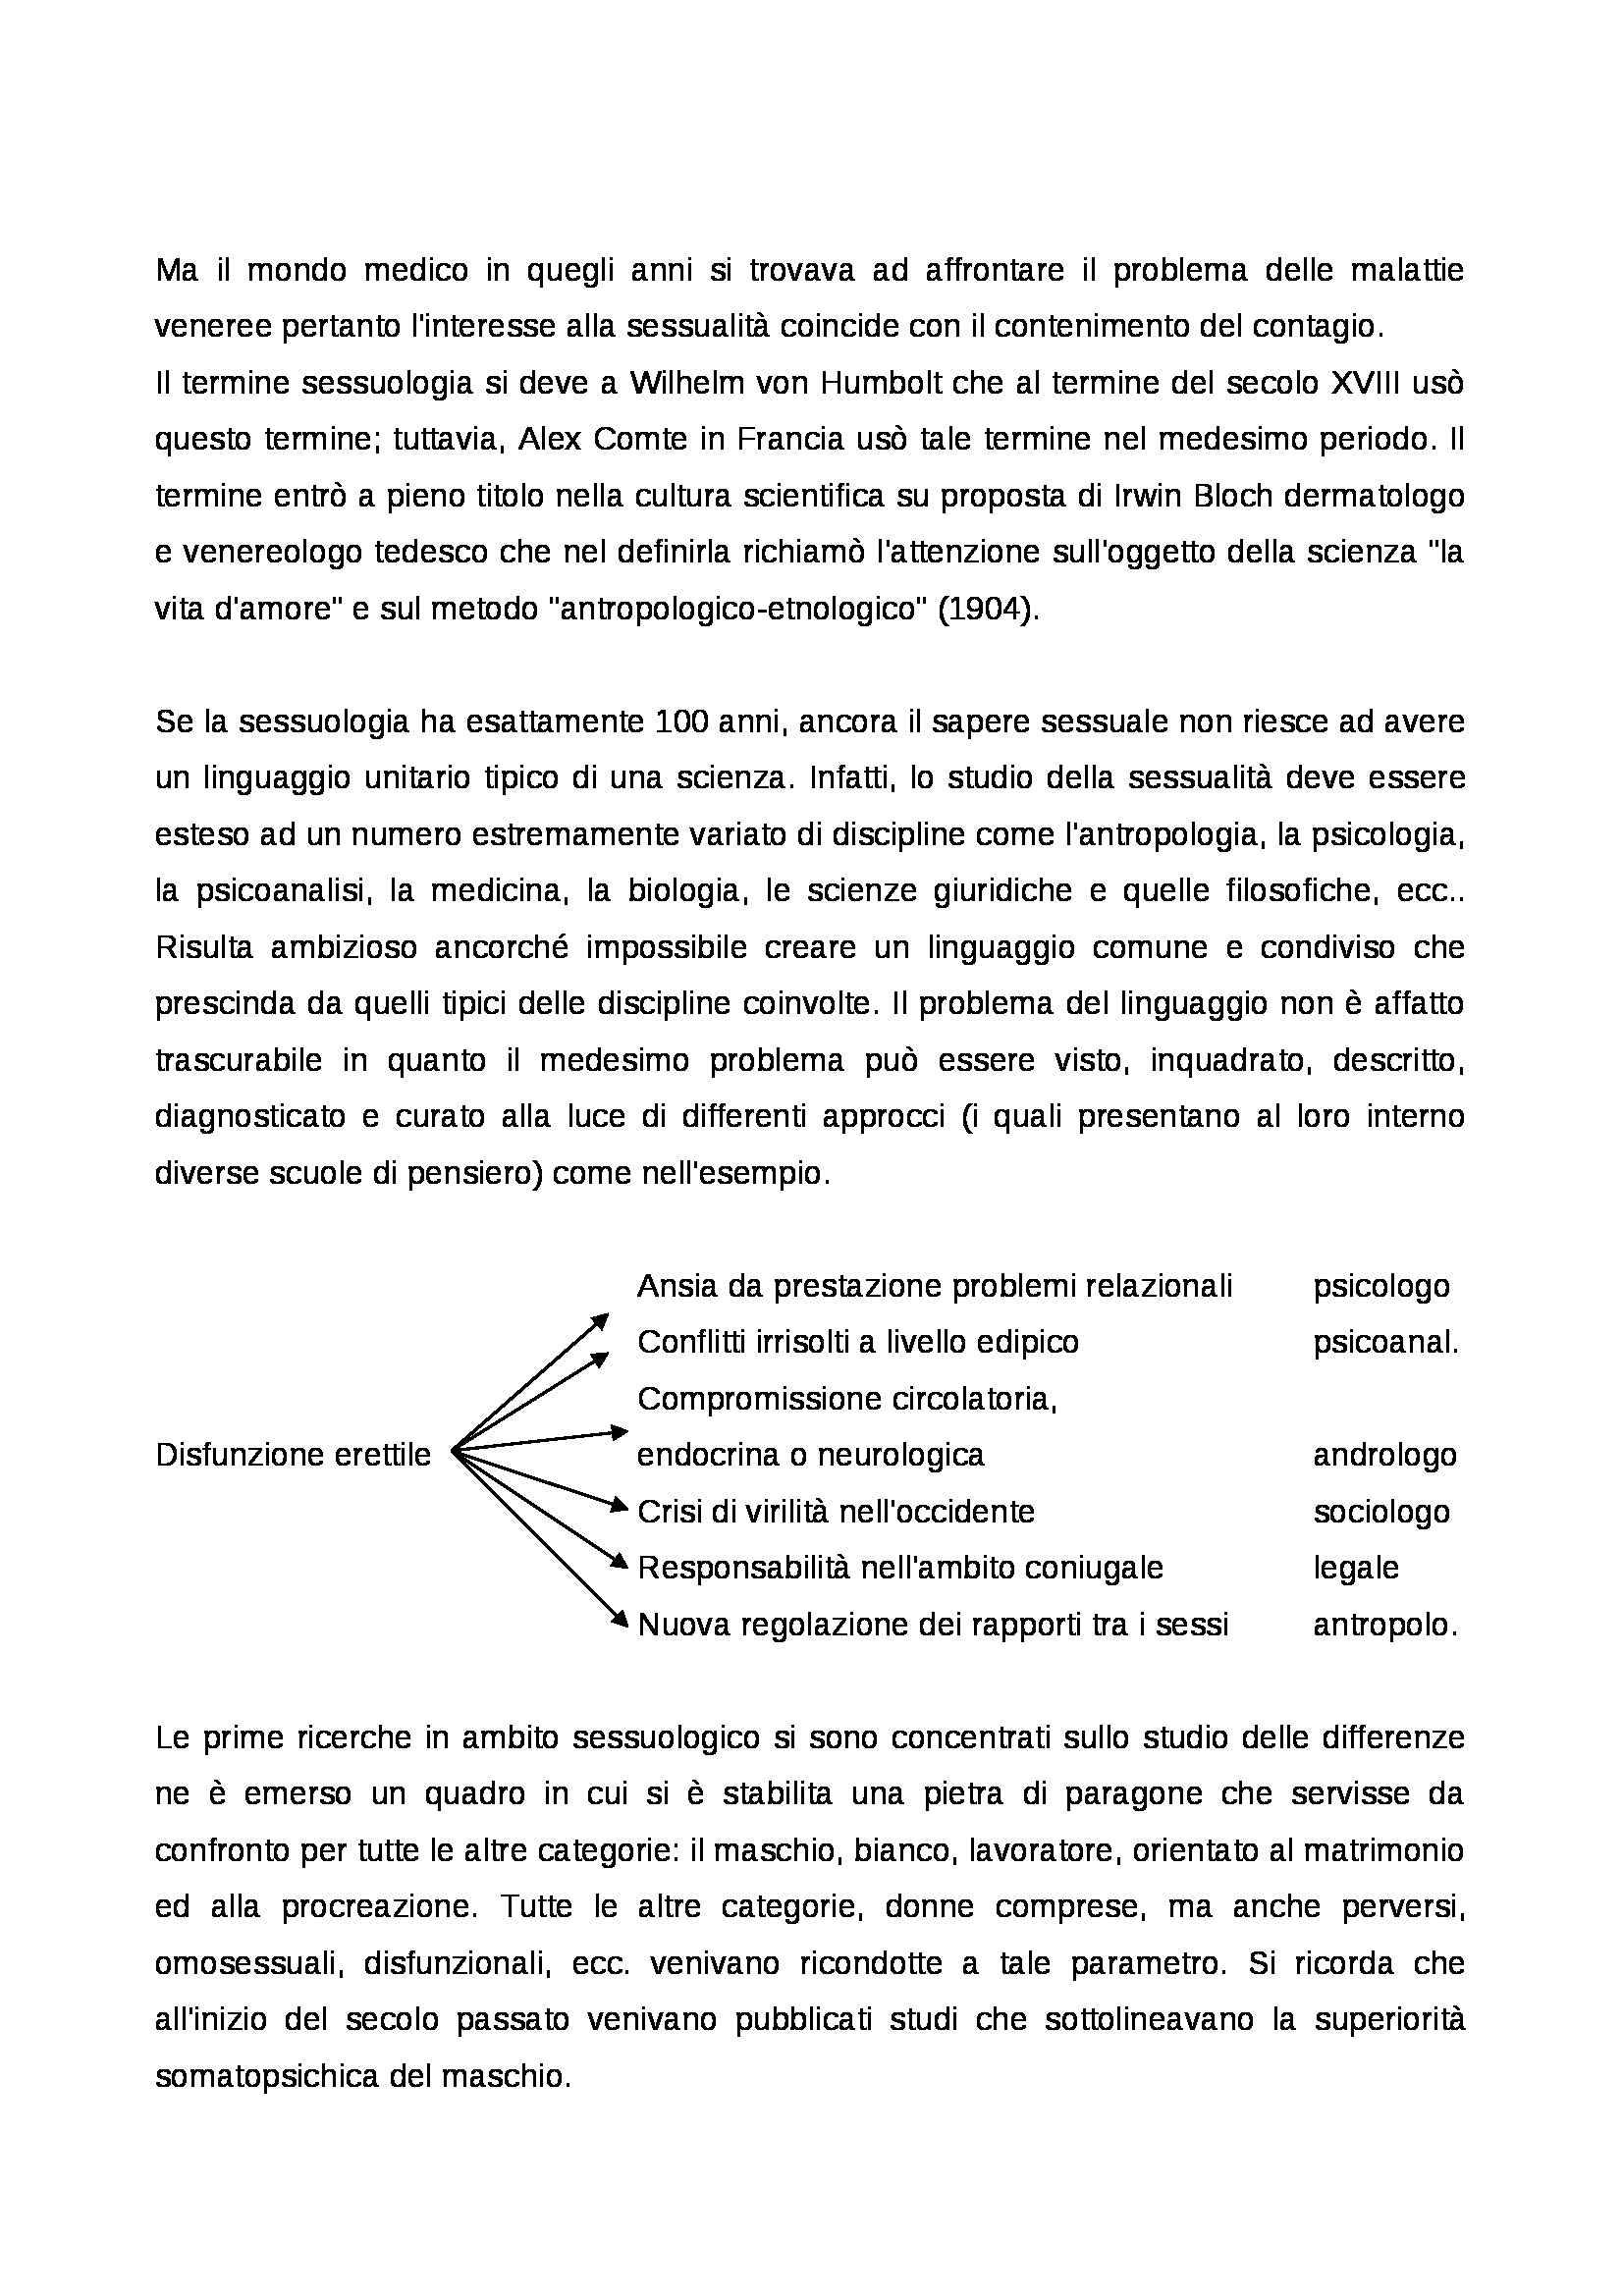 Psicologia della sessualità - definizione e storia del termine sessualità Pag. 2